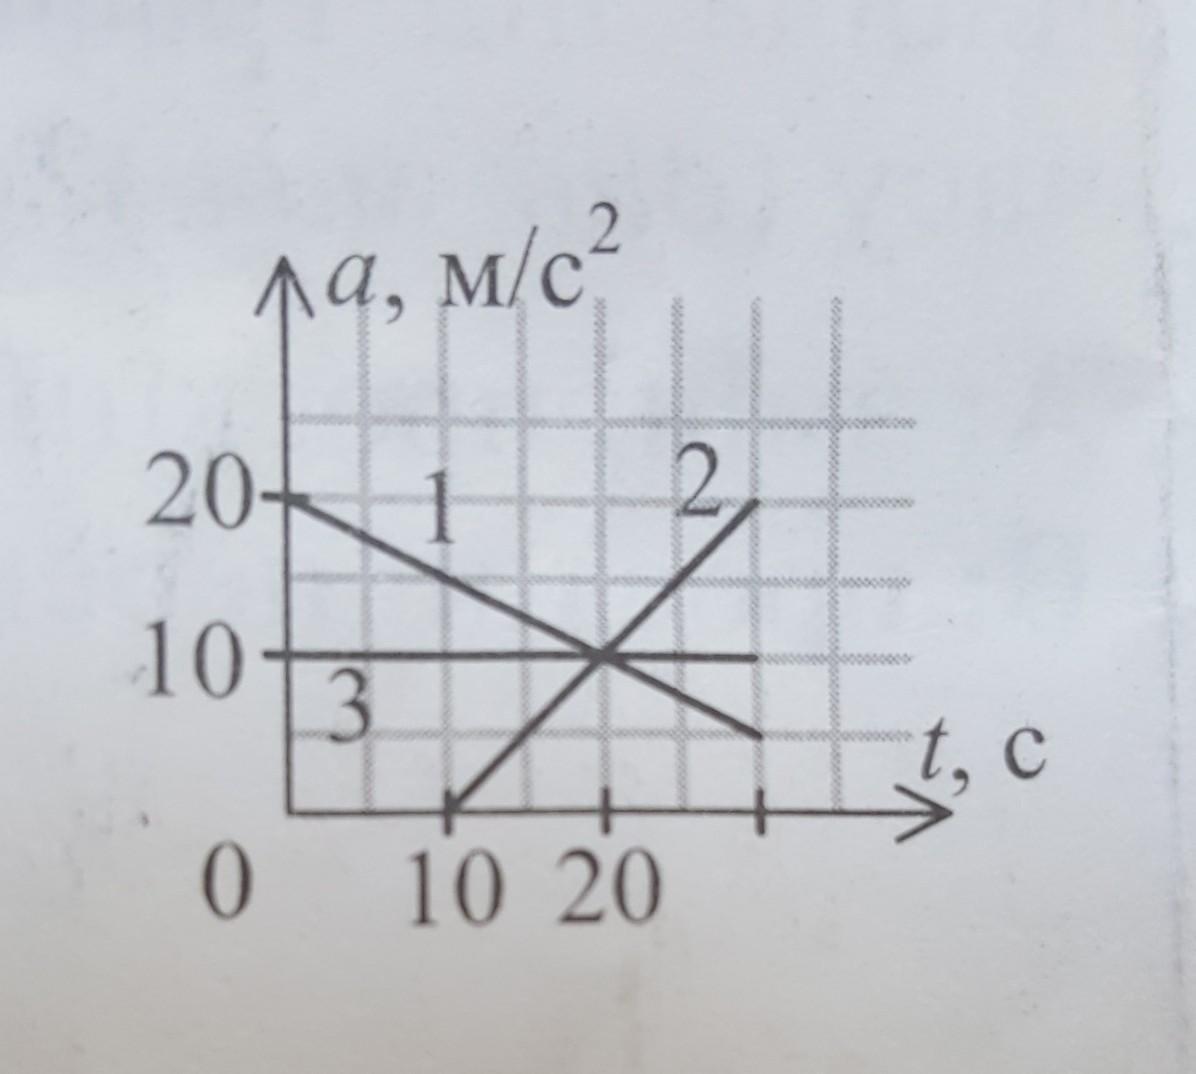 СРОЧНО ПОЖАЛУЙСТАна малюнку зображено графіки